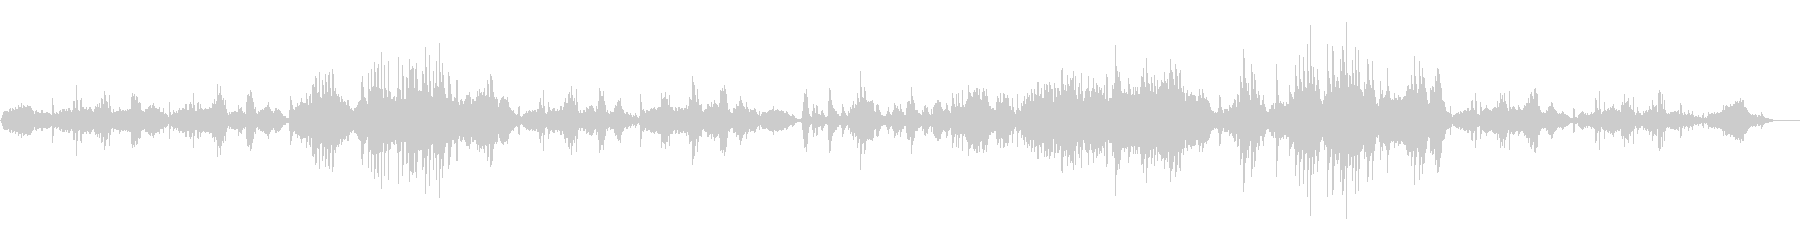 ゆったりと切ないピアノソロ曲の未再生の波形